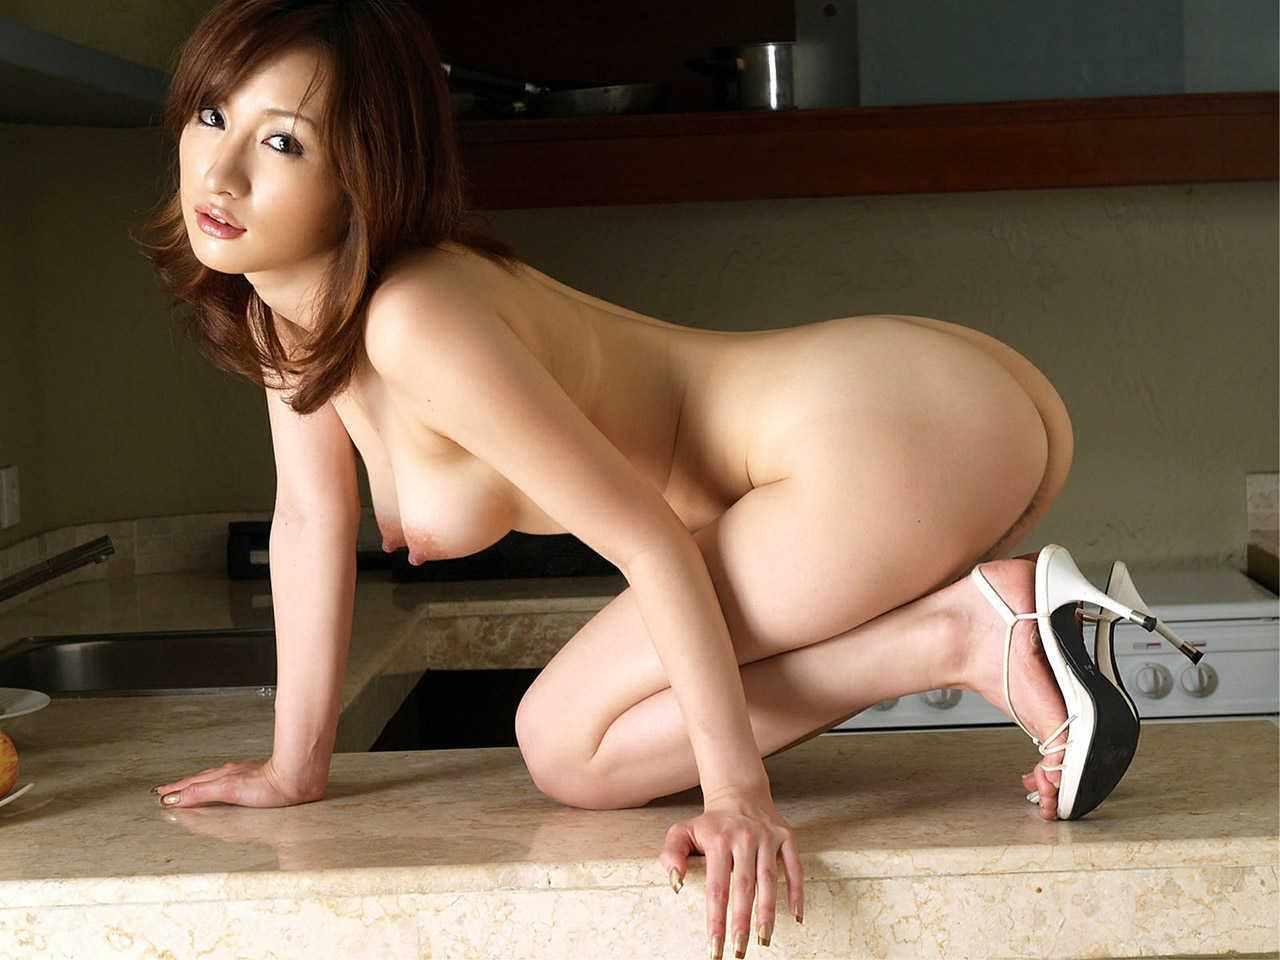 全裸にハイヒール履いた女の子 4